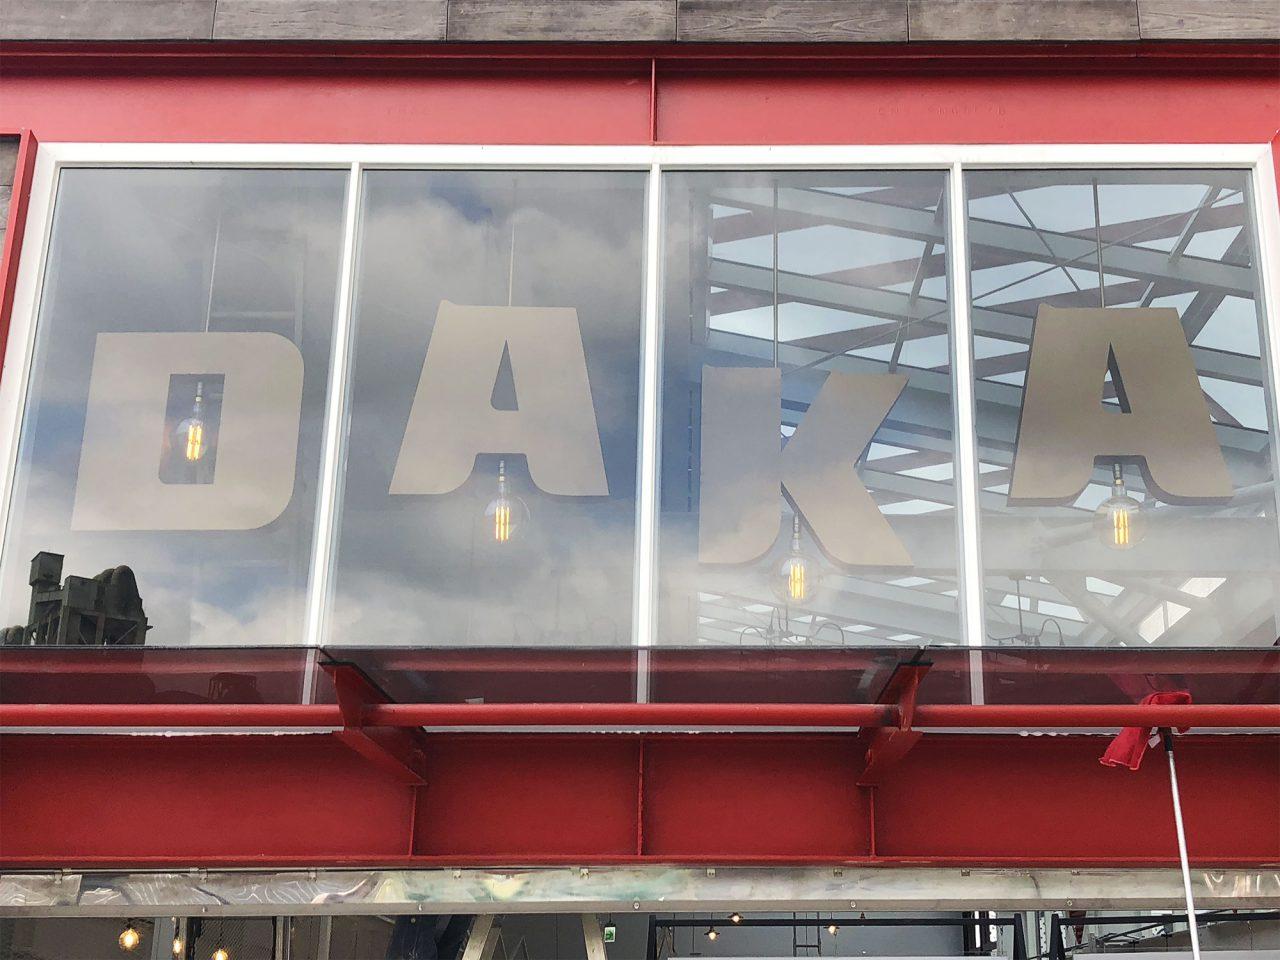 daka-day